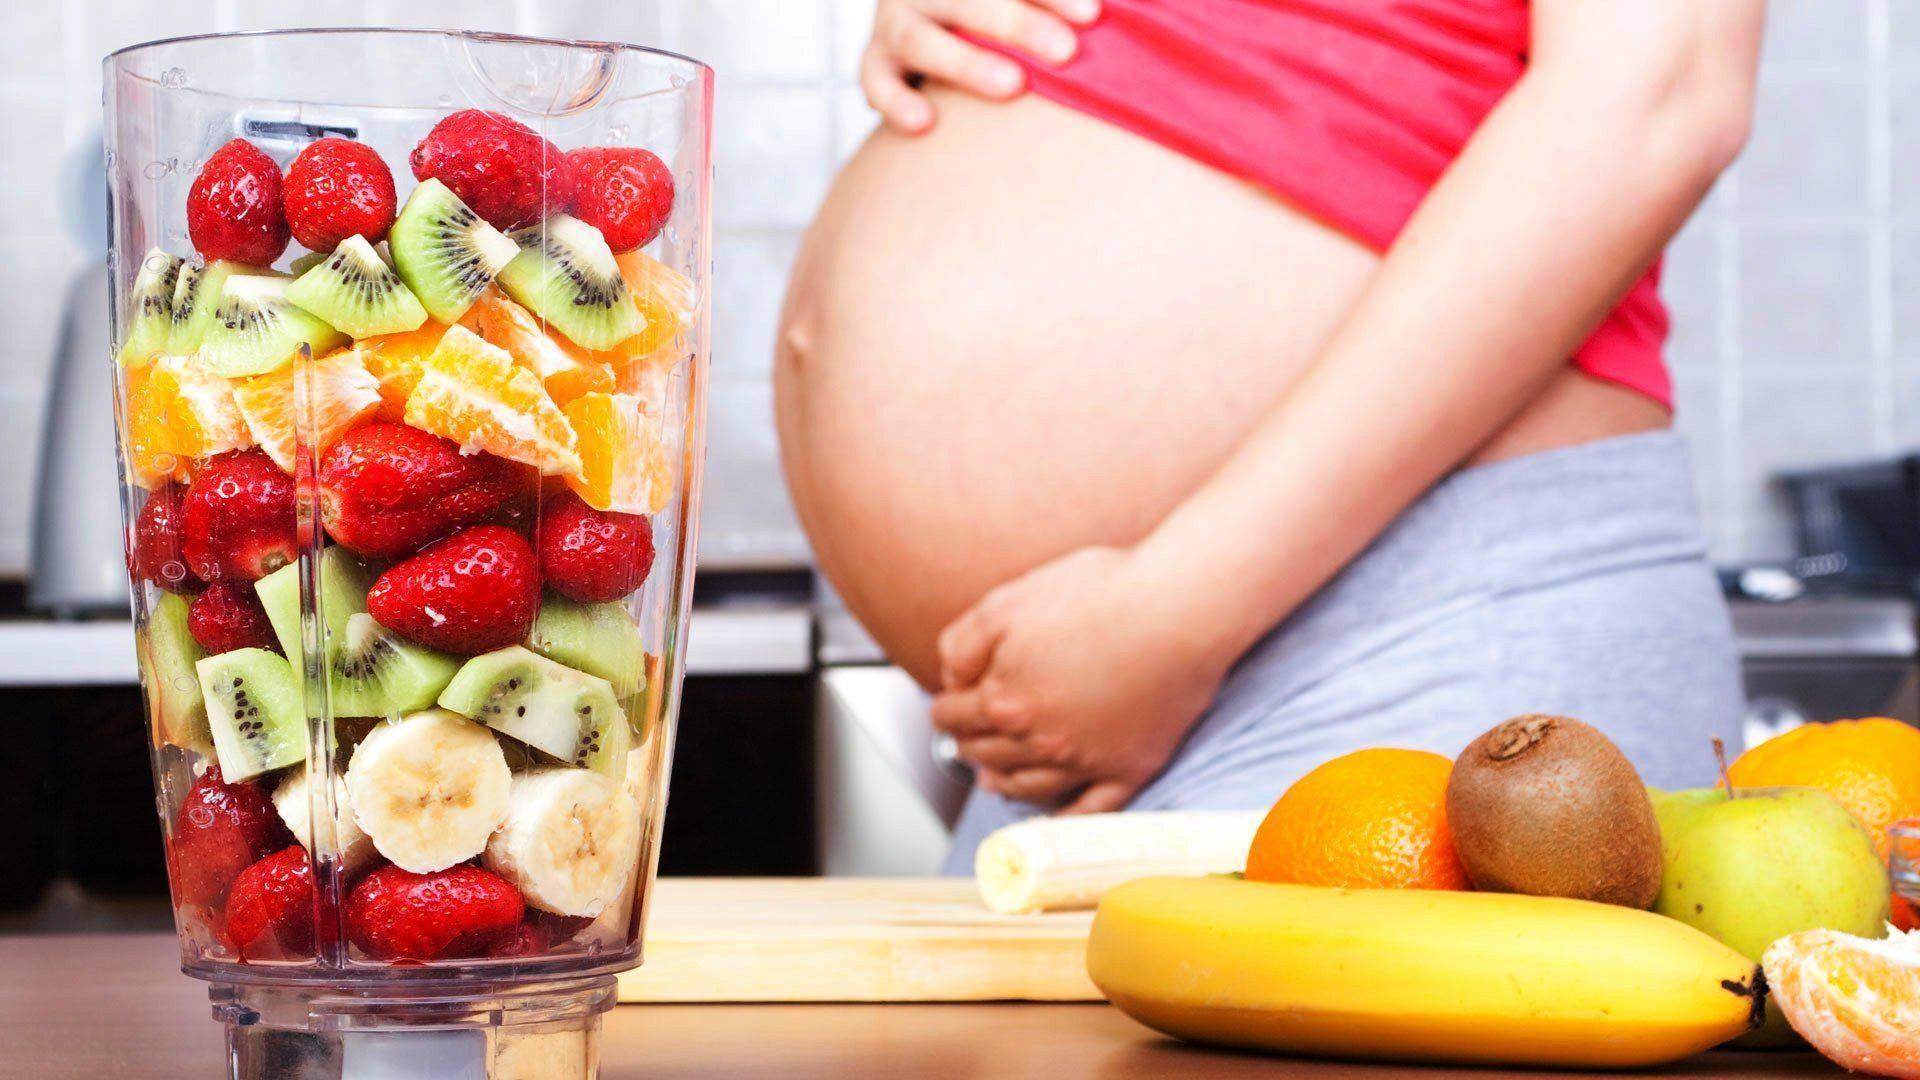 Размеры эмбриона (плода) на разных сроках беременности в сопоставлении с различными овощами и фрукта - наблюдение беременности.  здоровье